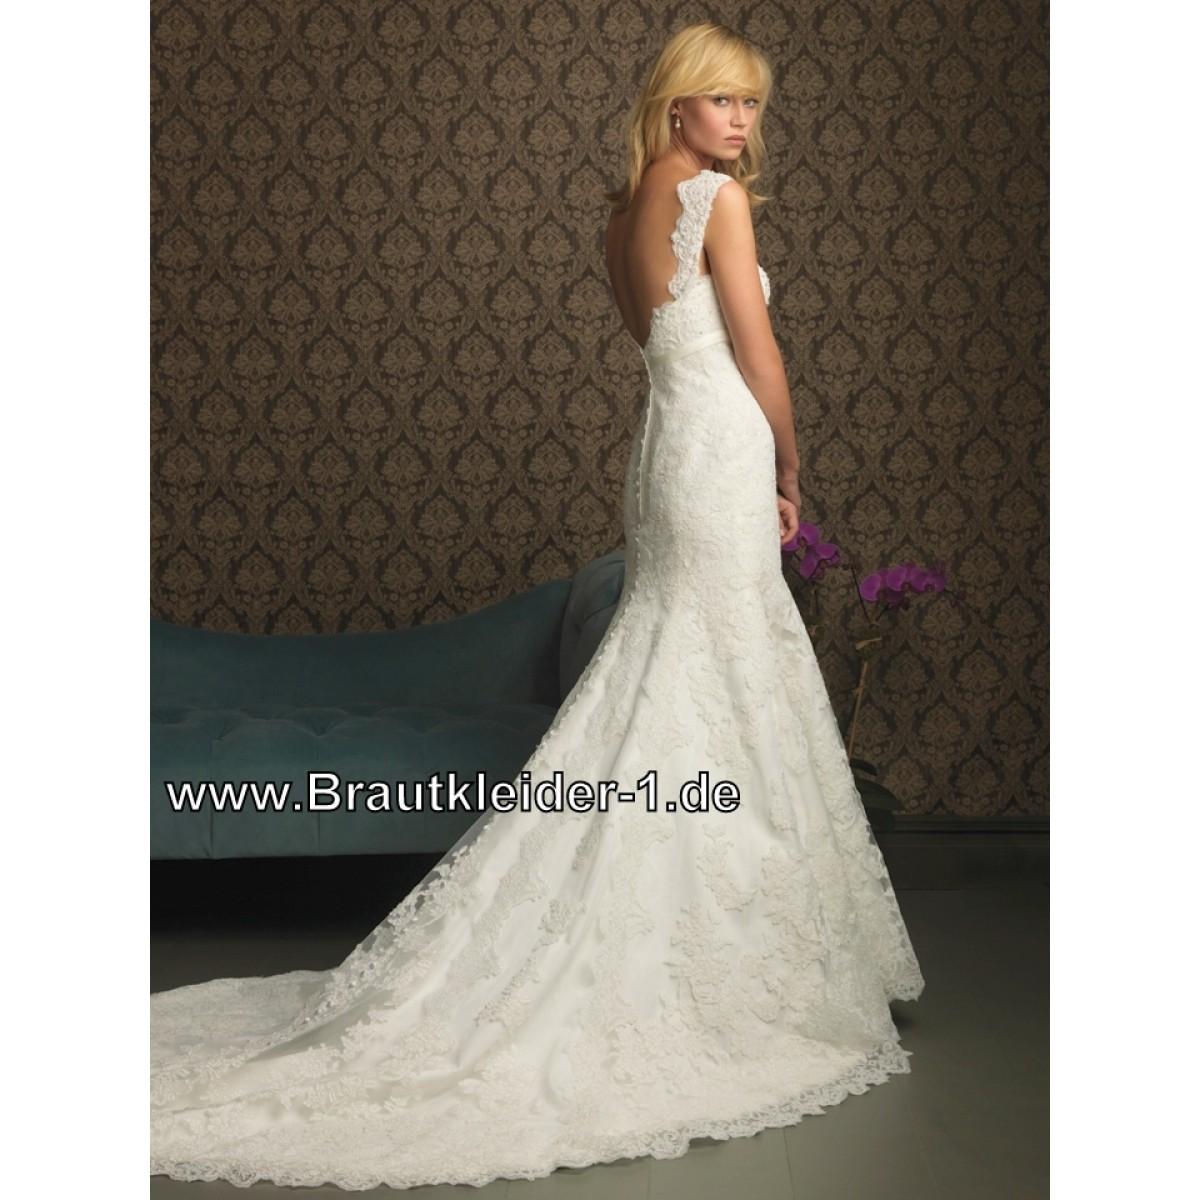 Brautkleid standesamt auf rechnung